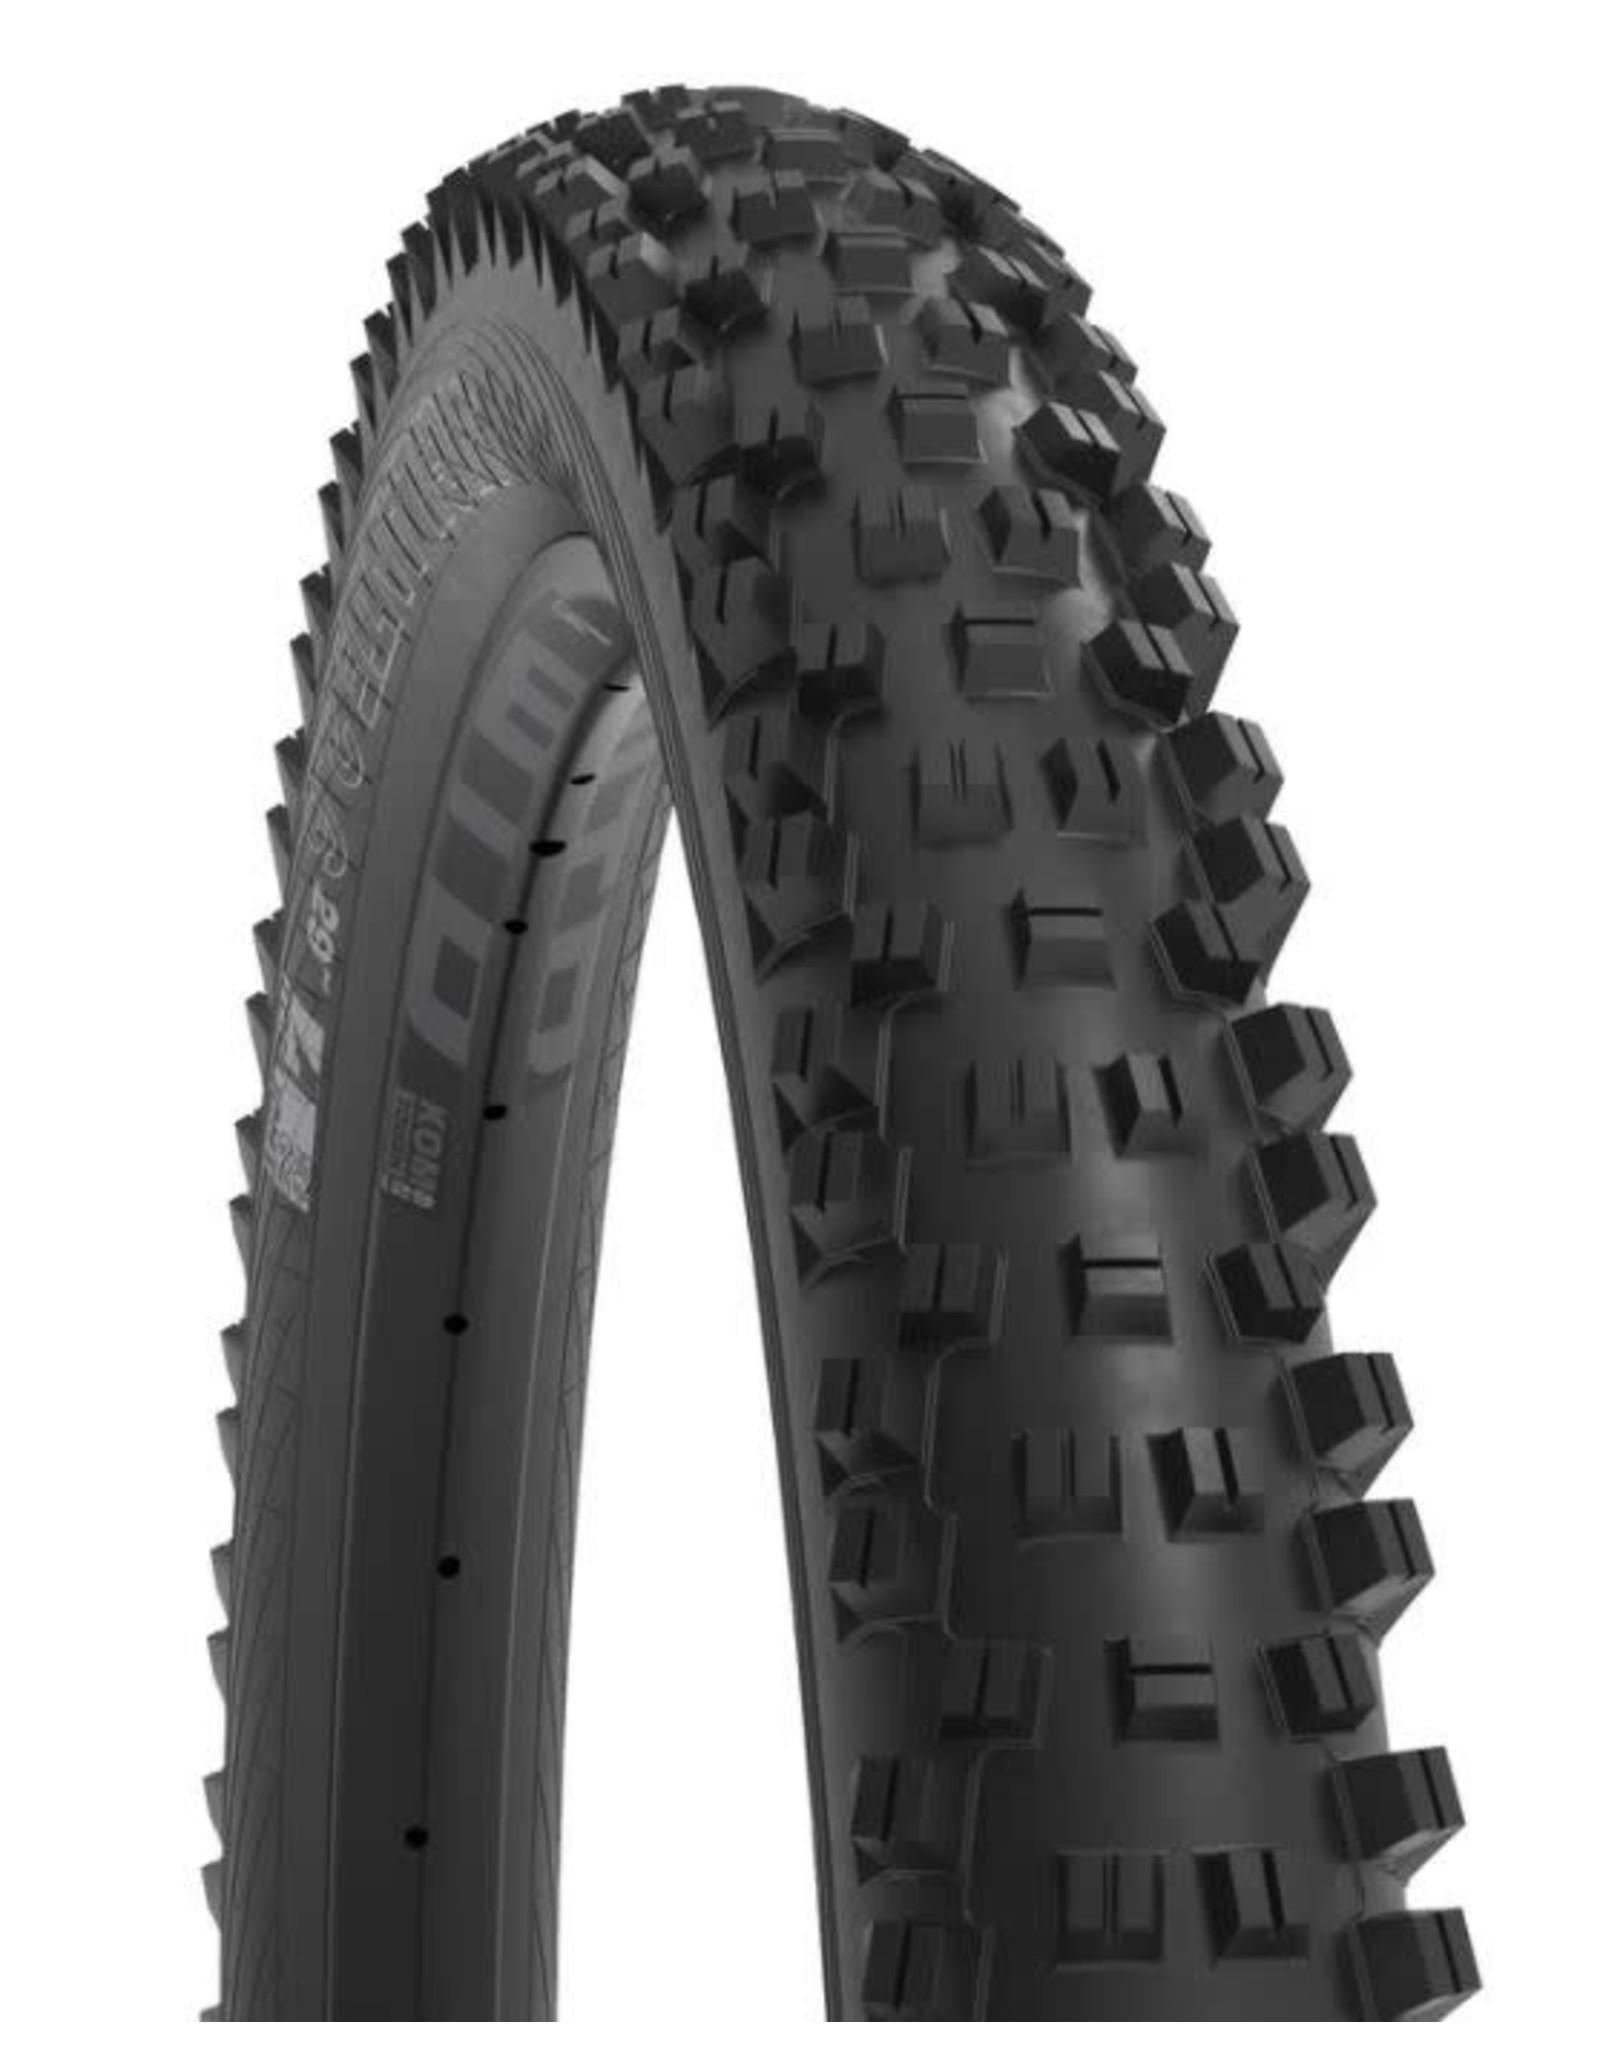 WTB WTB Vigilante 27.5x2.5 TCS High Grip Tire